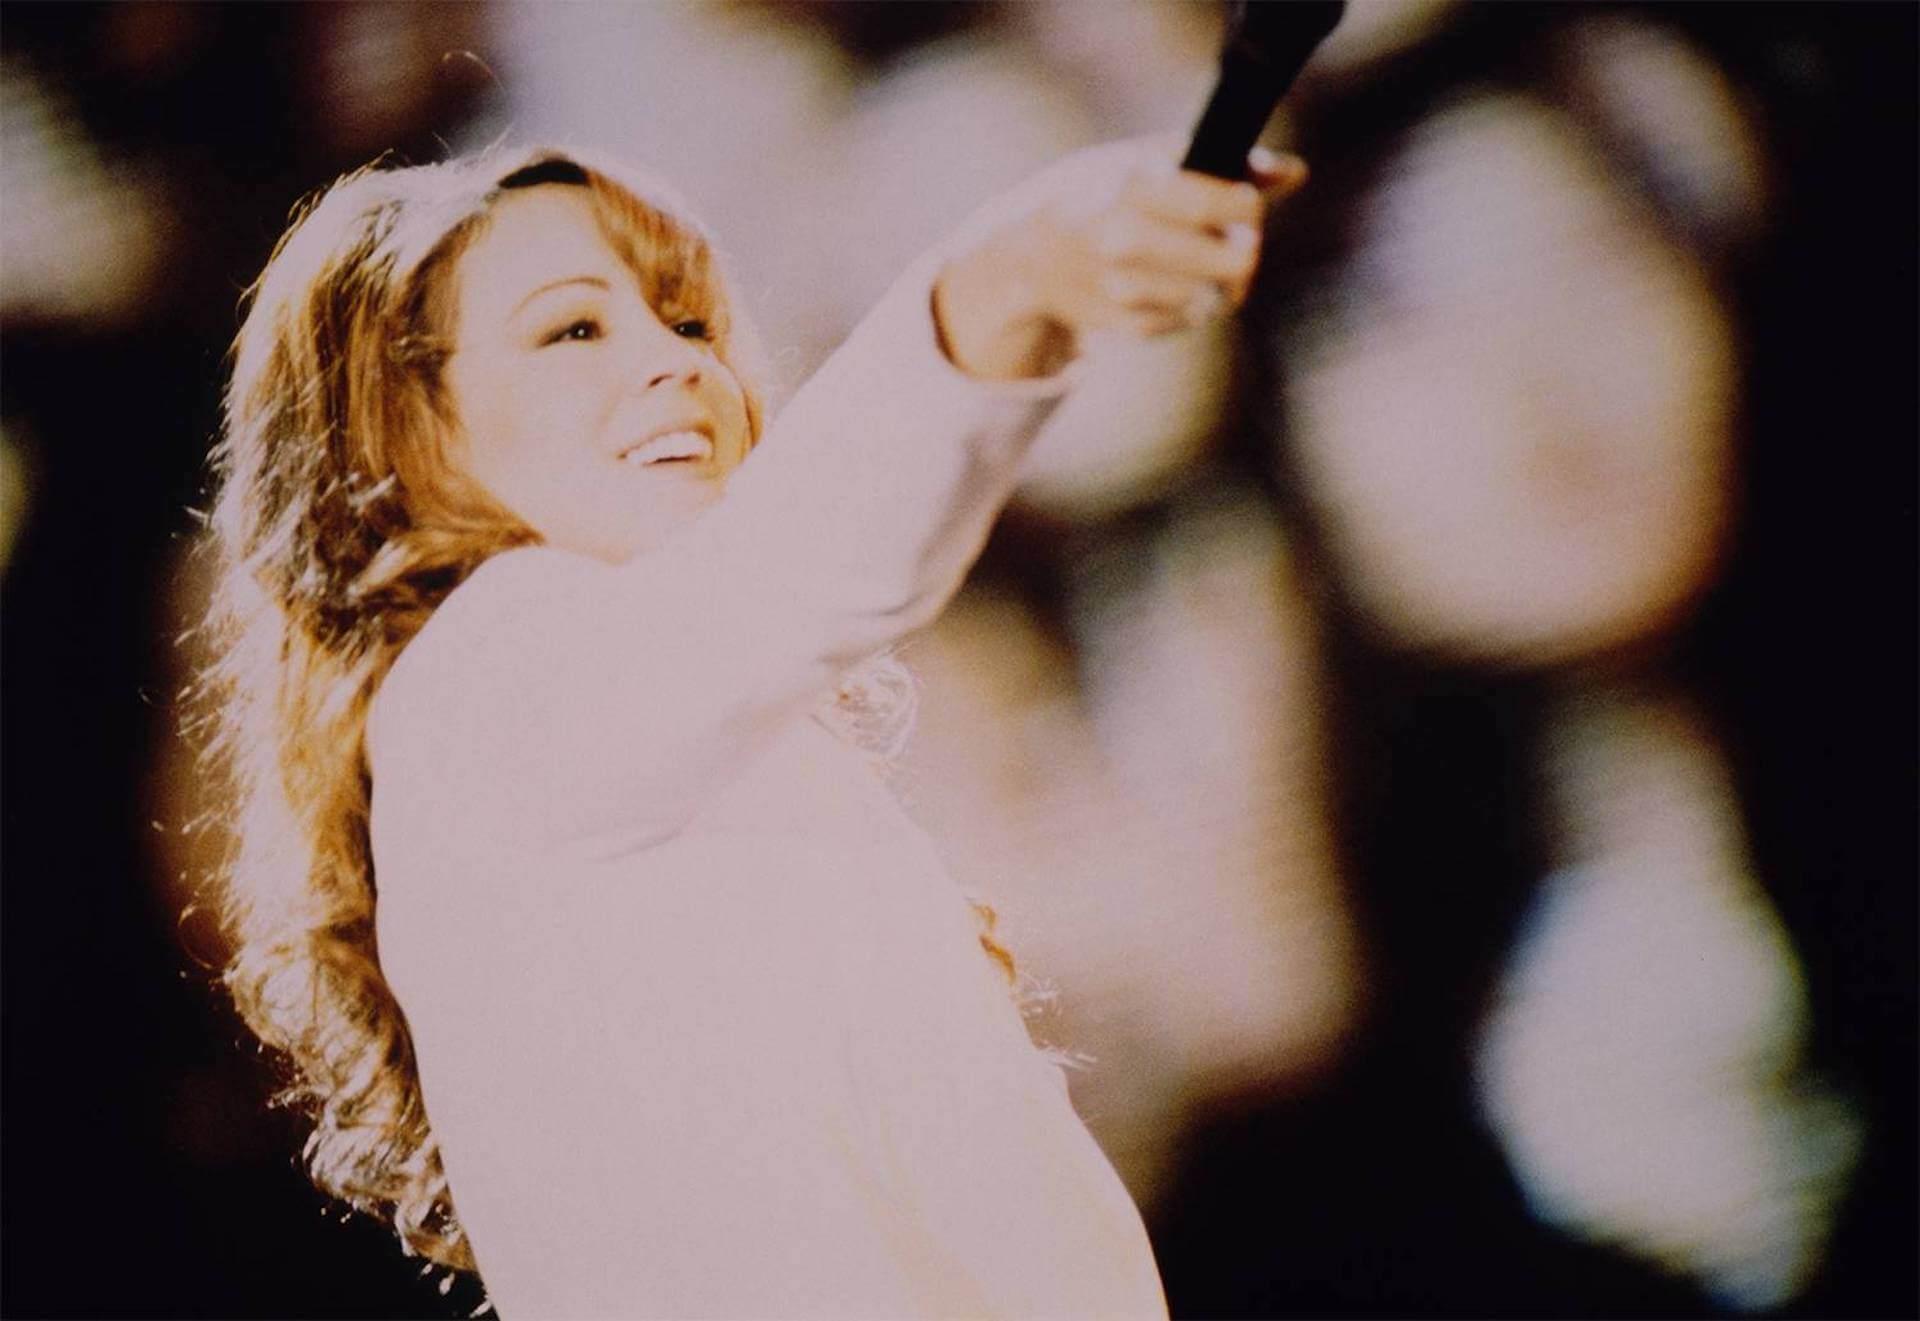 マライア・キャリー「恋人たちのクリスマス」が発売から25年を経て全米シングル・チャート初の1位を獲得|ホリデー・ソングがチャート首位を獲得するのは史上初 music191217-mariah-carey-2